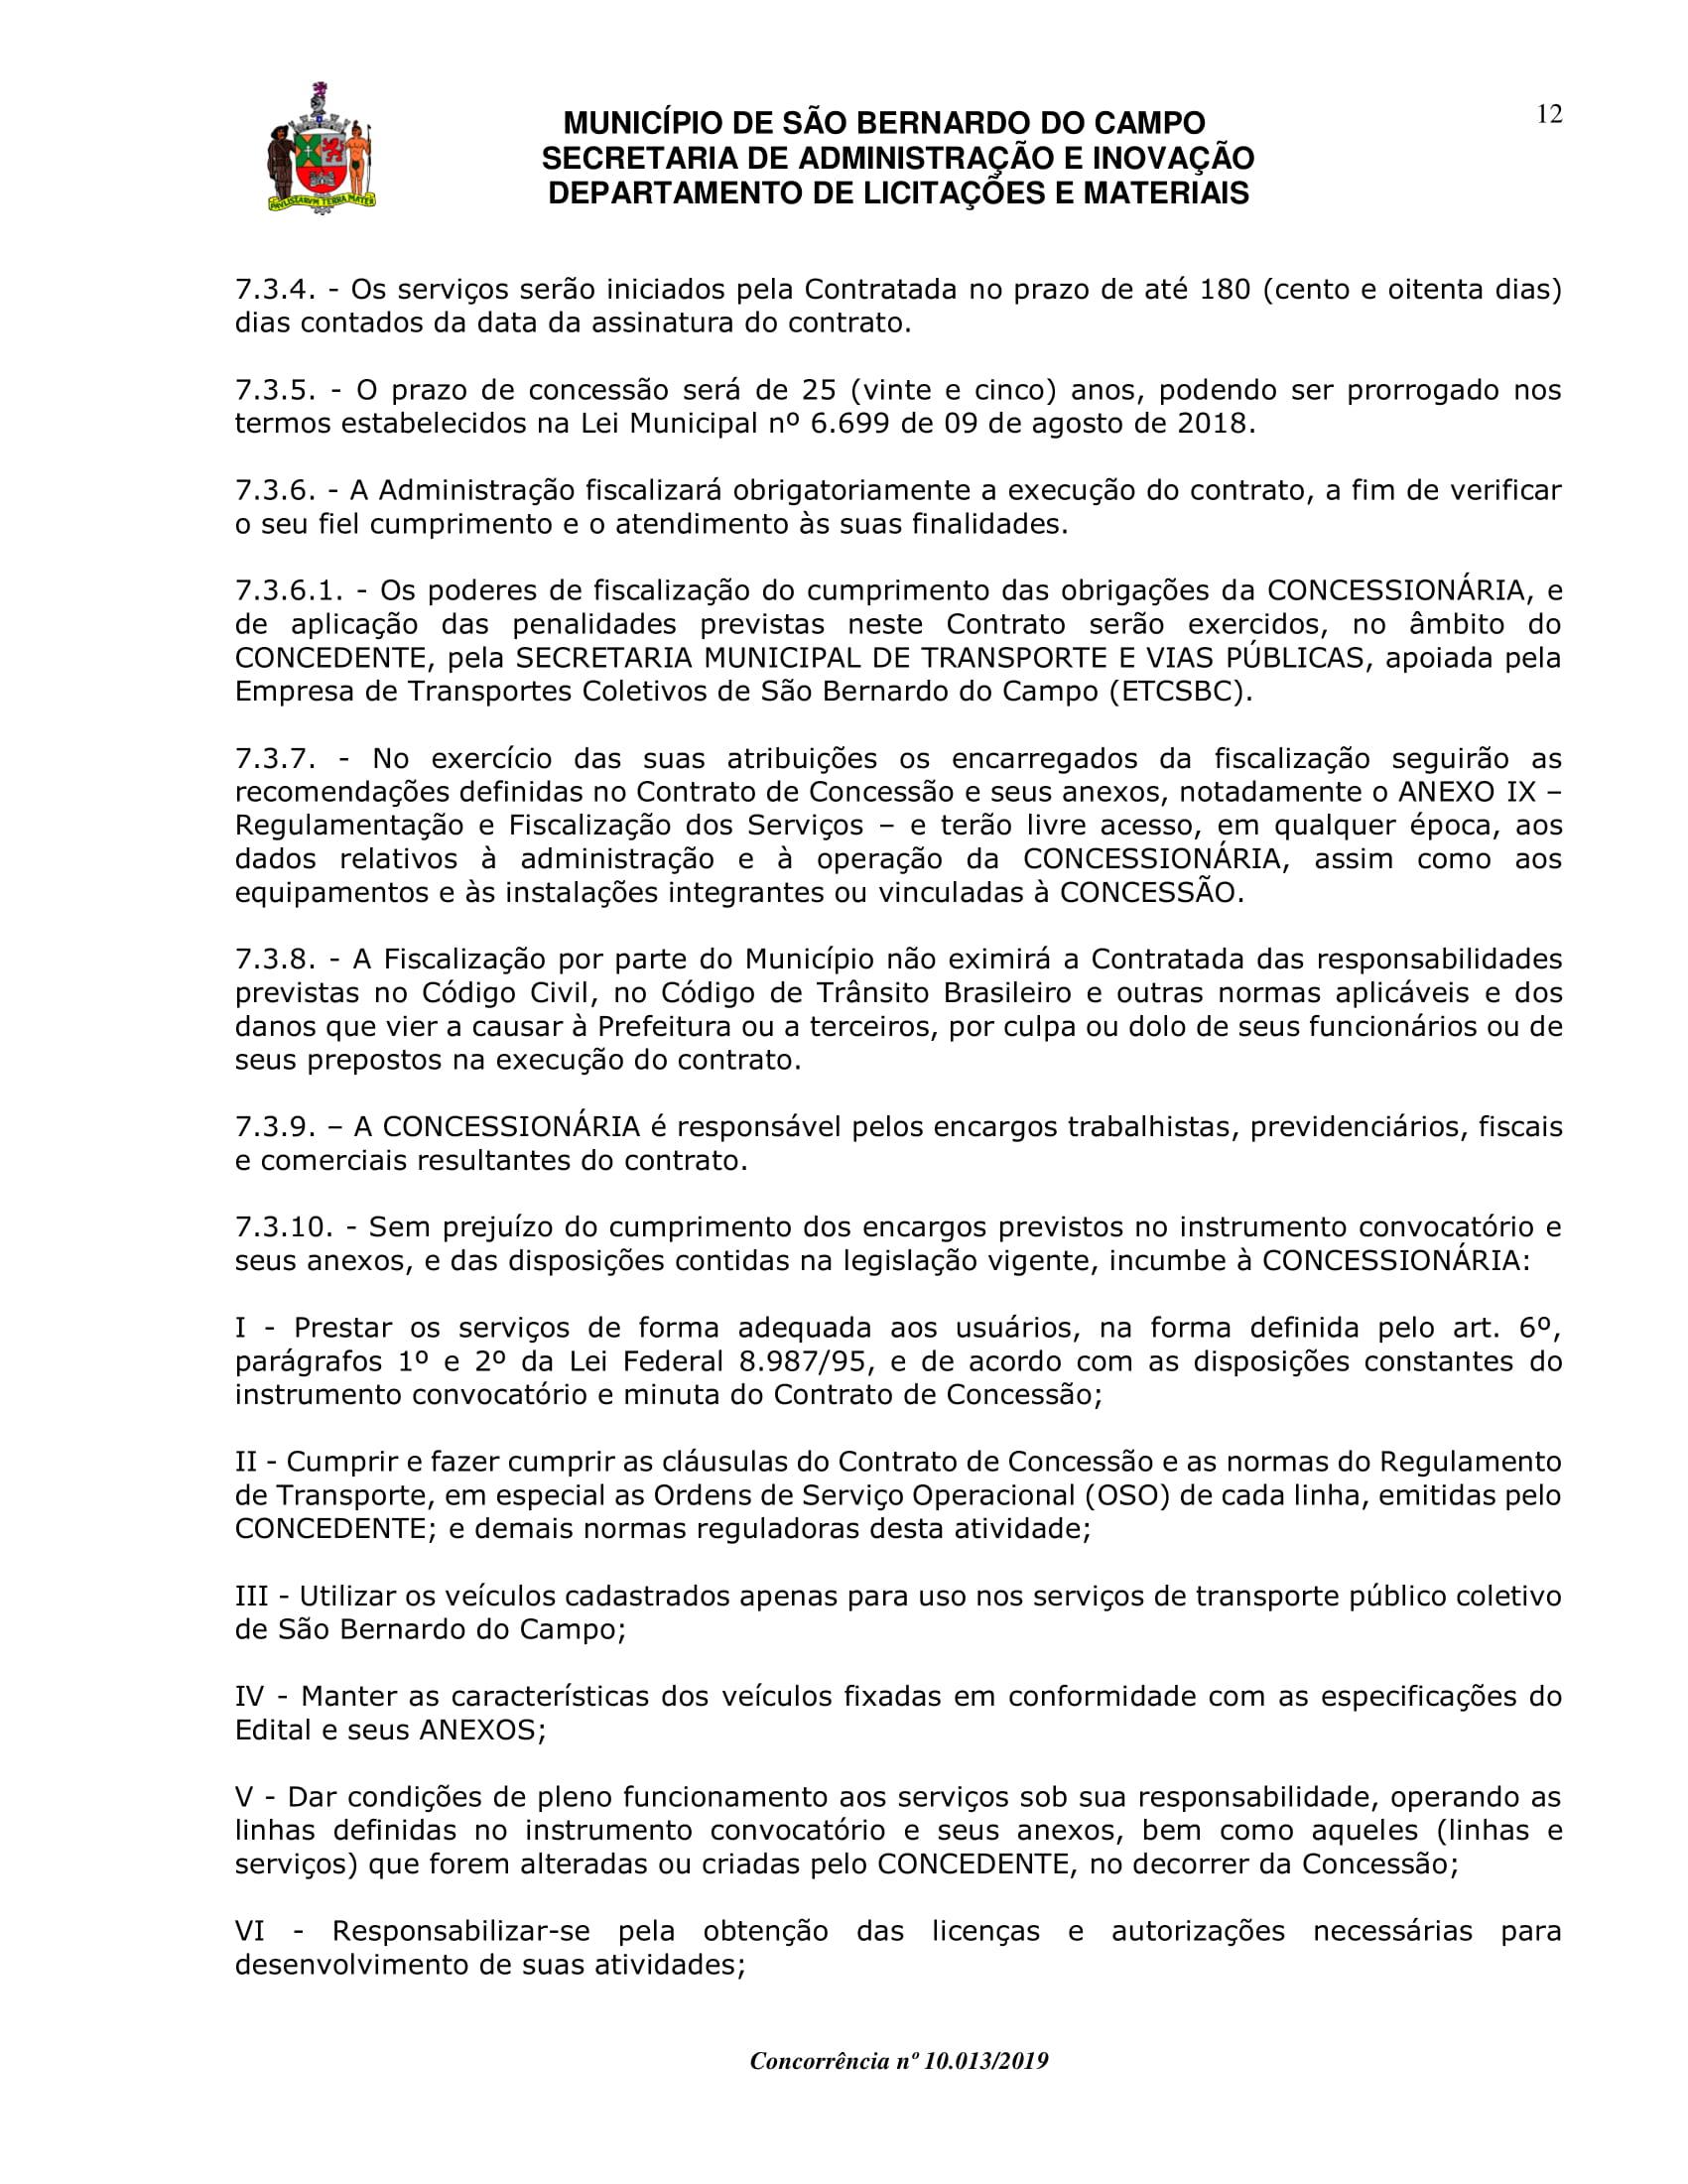 CP.10.013-19 edital-12